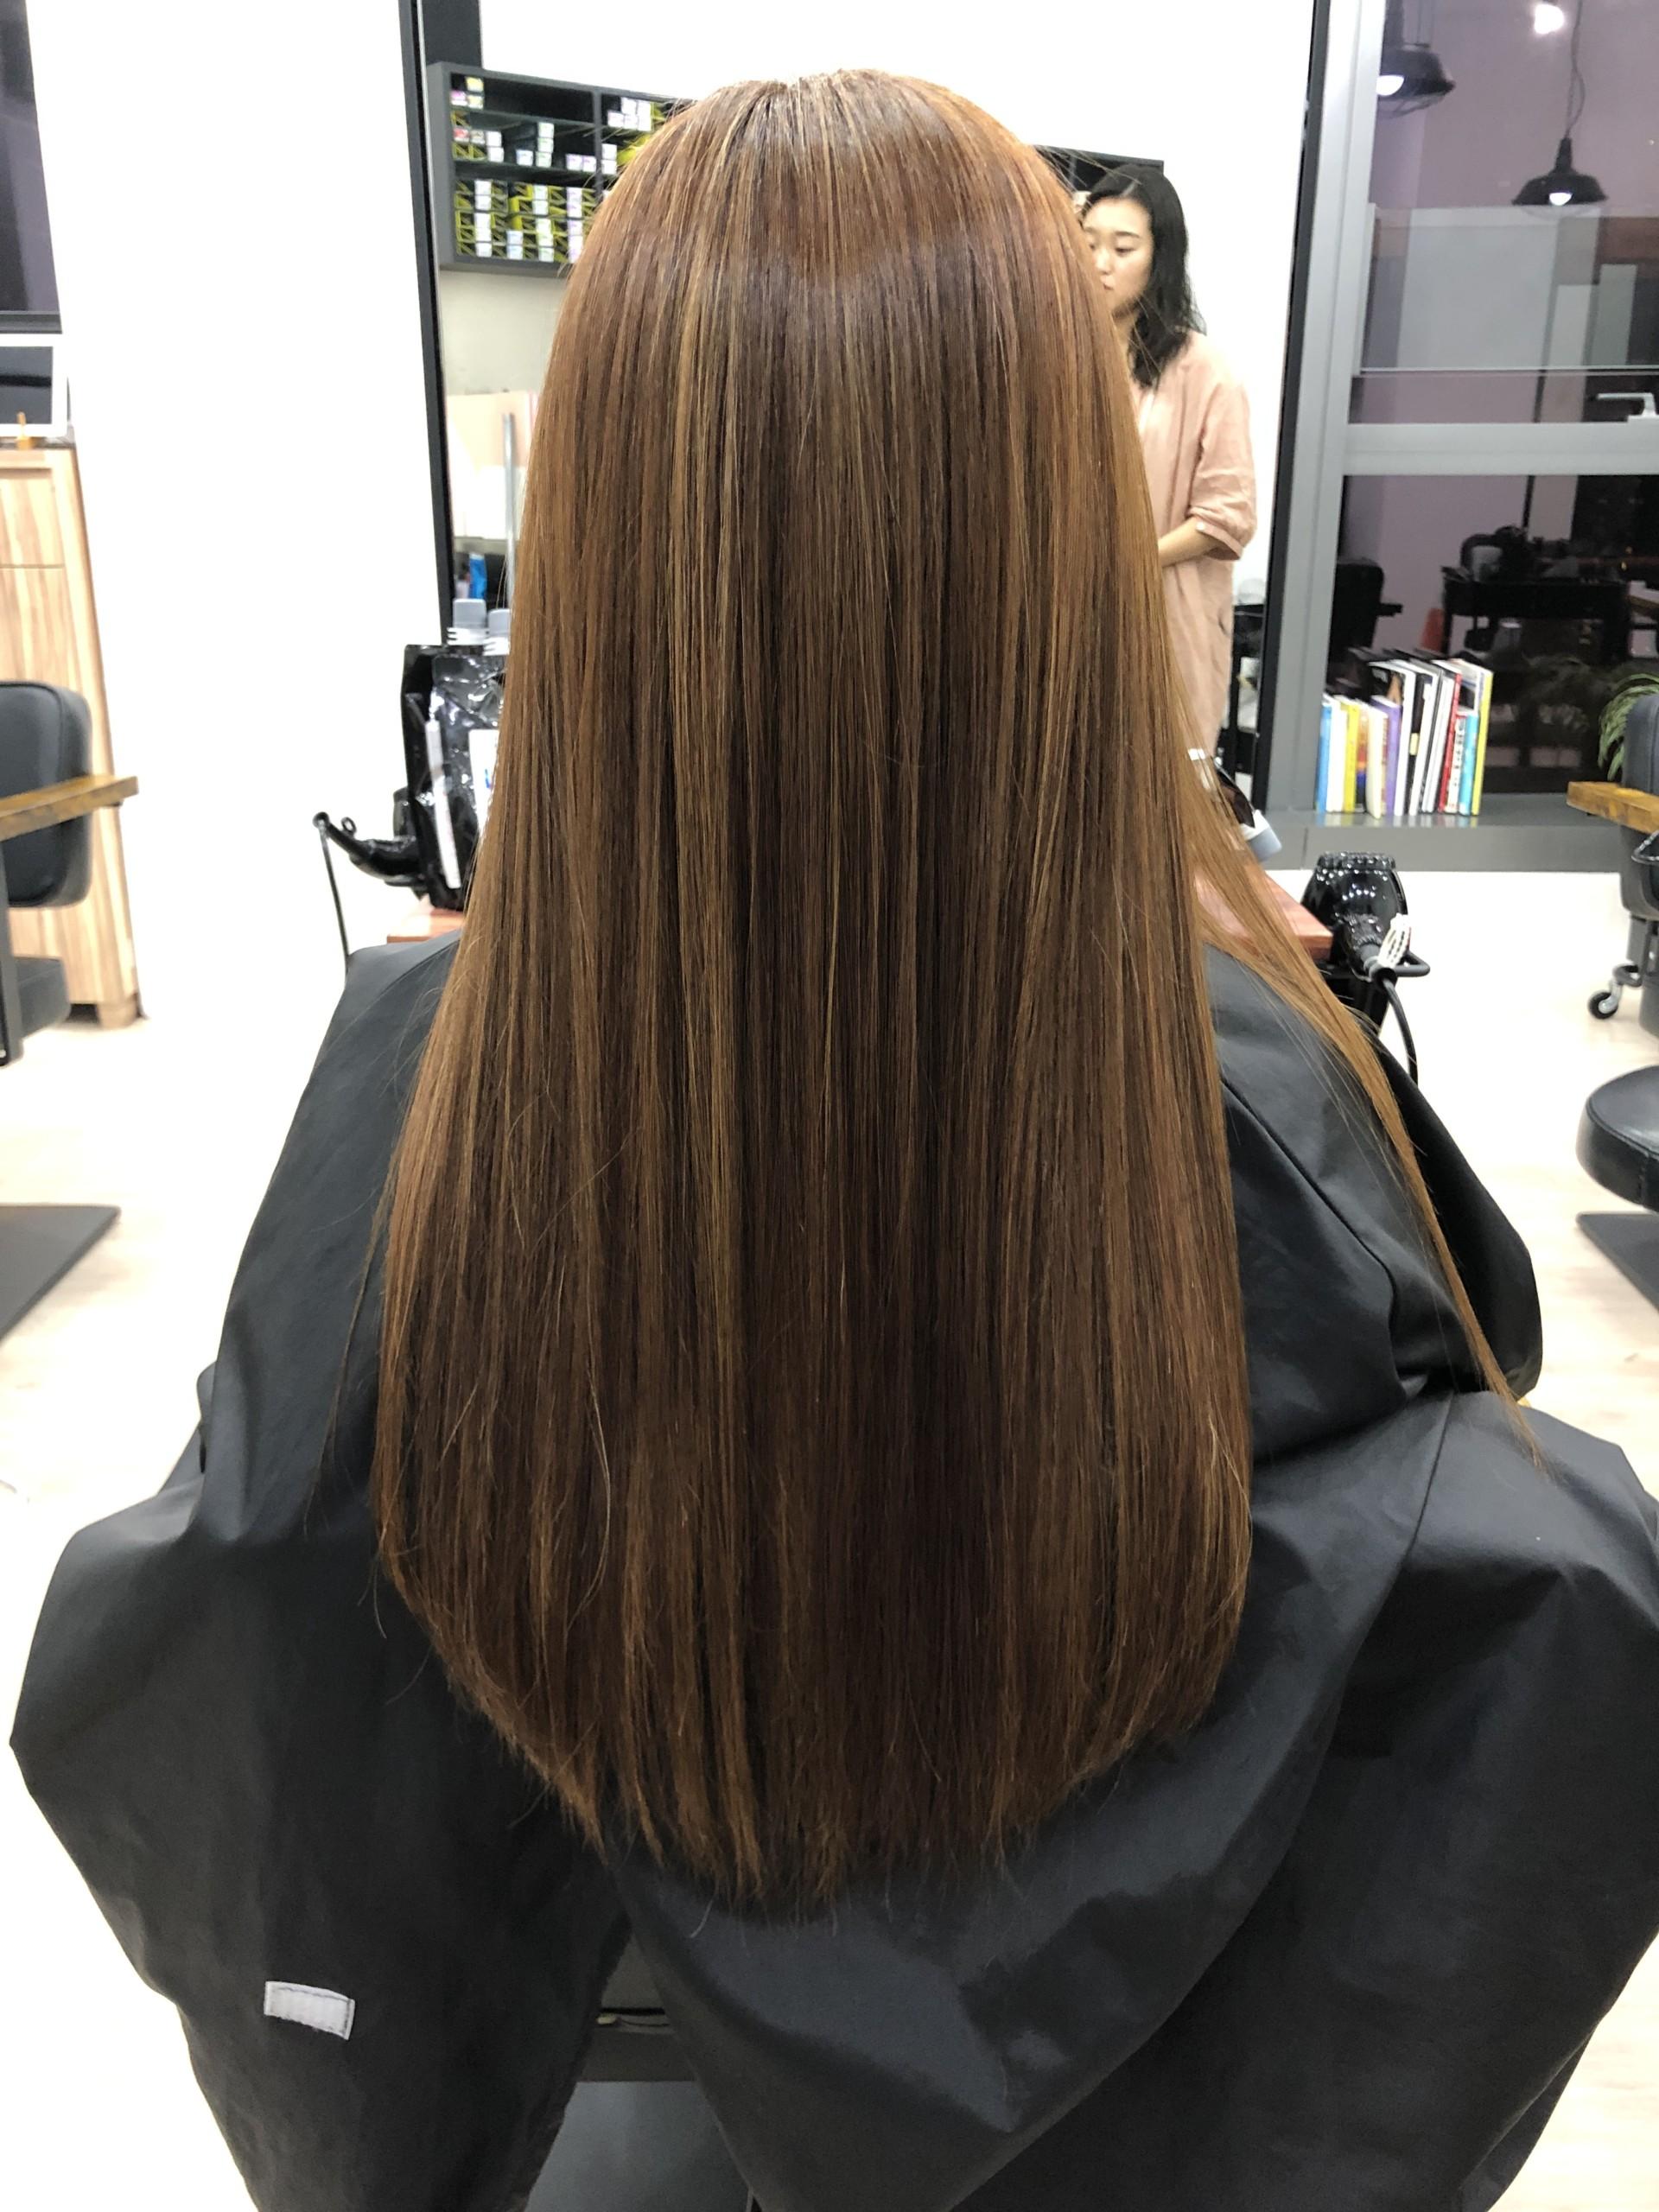 湿度が高くなる前に髪の毛対策!!髪質改善トリートメント in HK